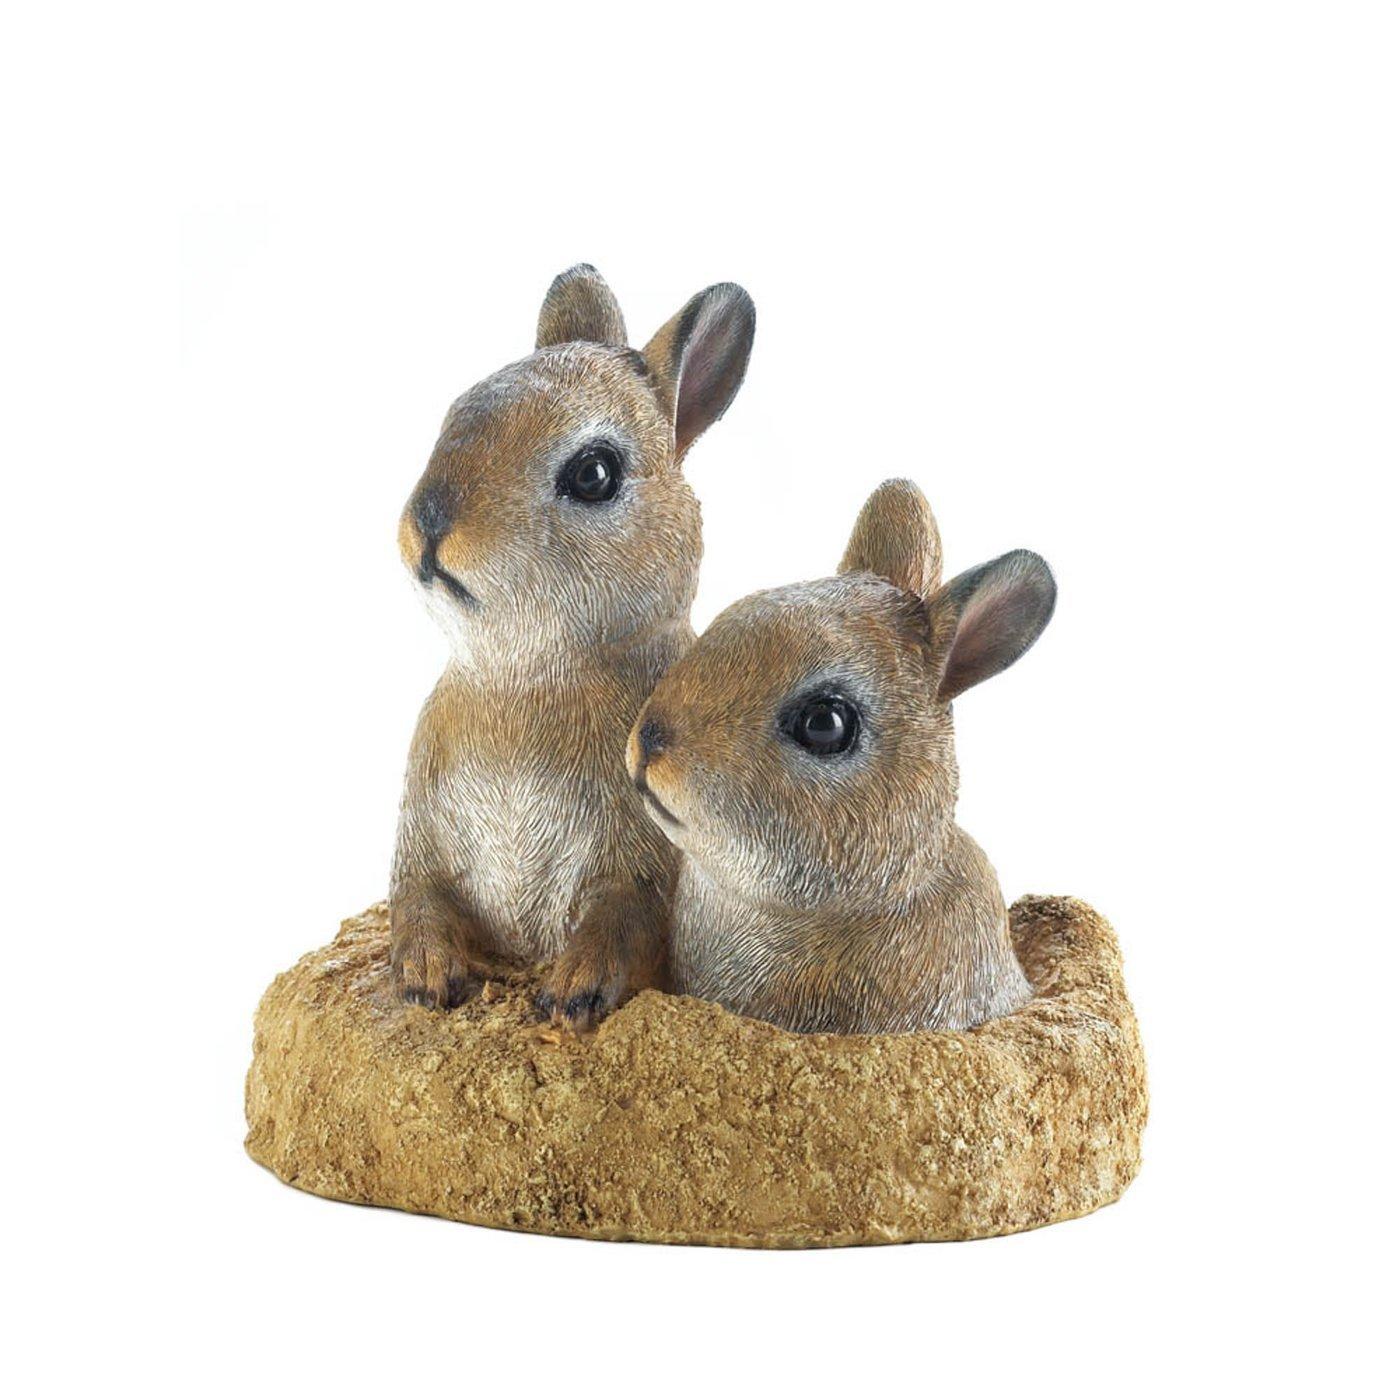 Peek-A-Boo Bunnies Garden Decor - $30.34